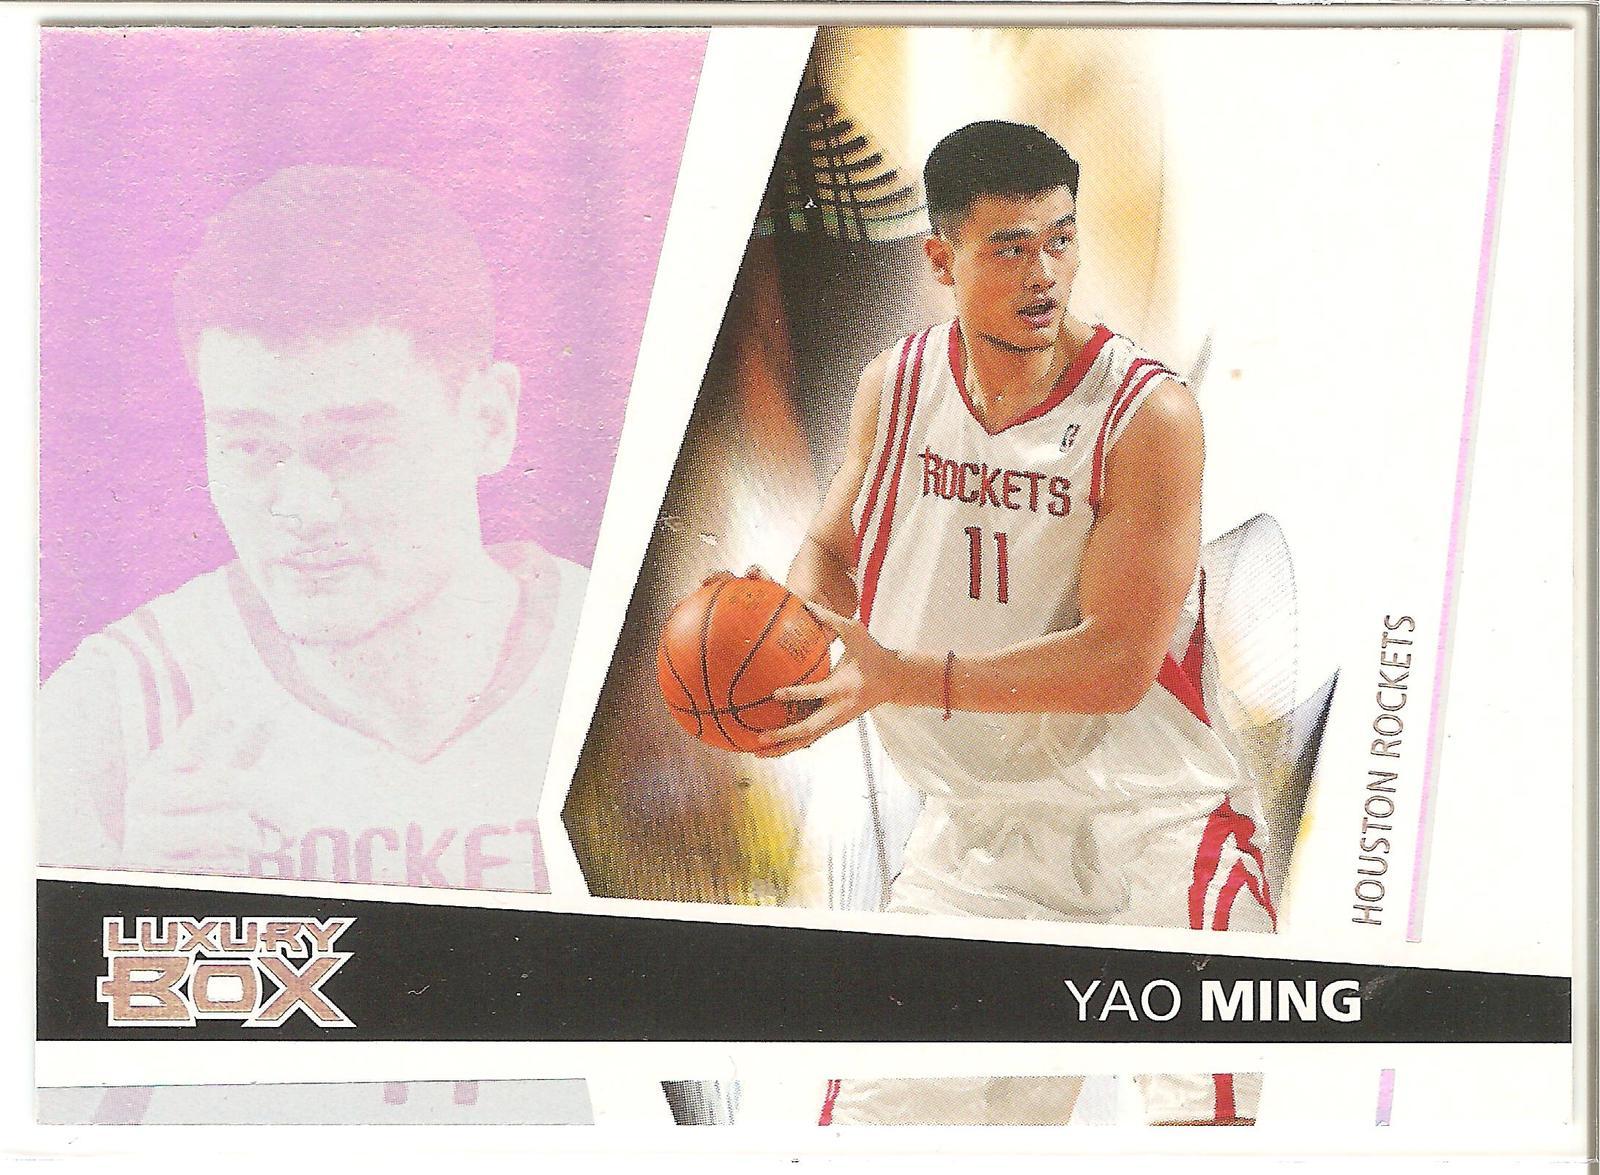 Yao Ming Luxury Box 05-06 #11 Houston Rockets China